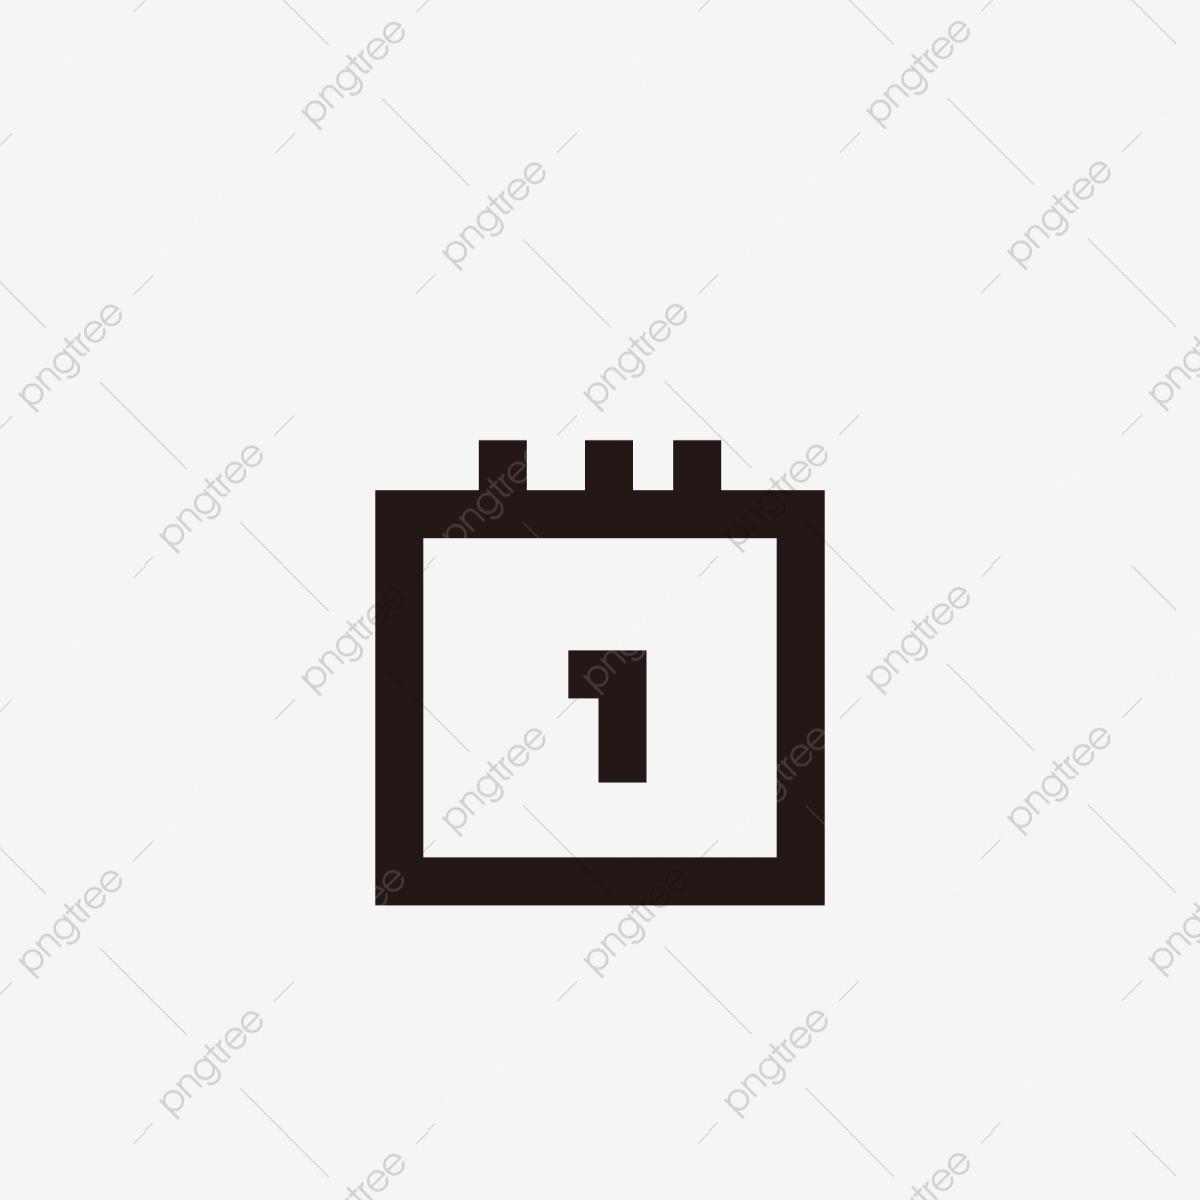 Calendar Calendar Icon Calendar Ui App Icon, Free inside Calendar Icon Psd